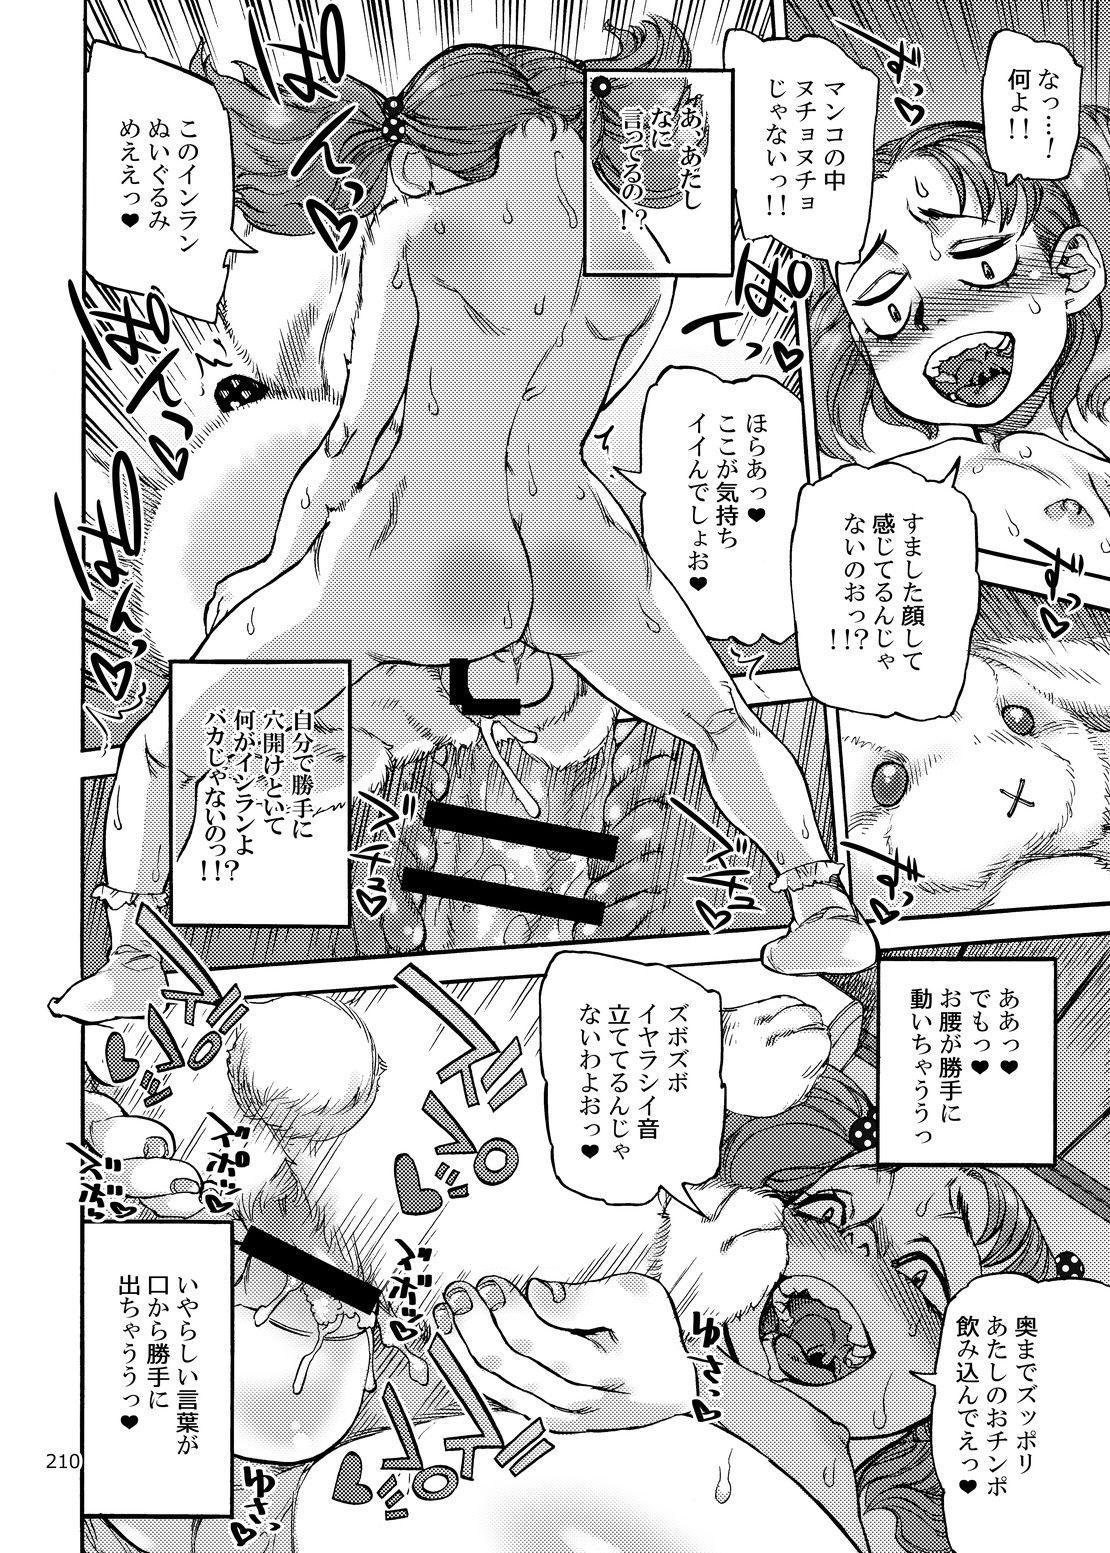 Shikibo Natsu 209